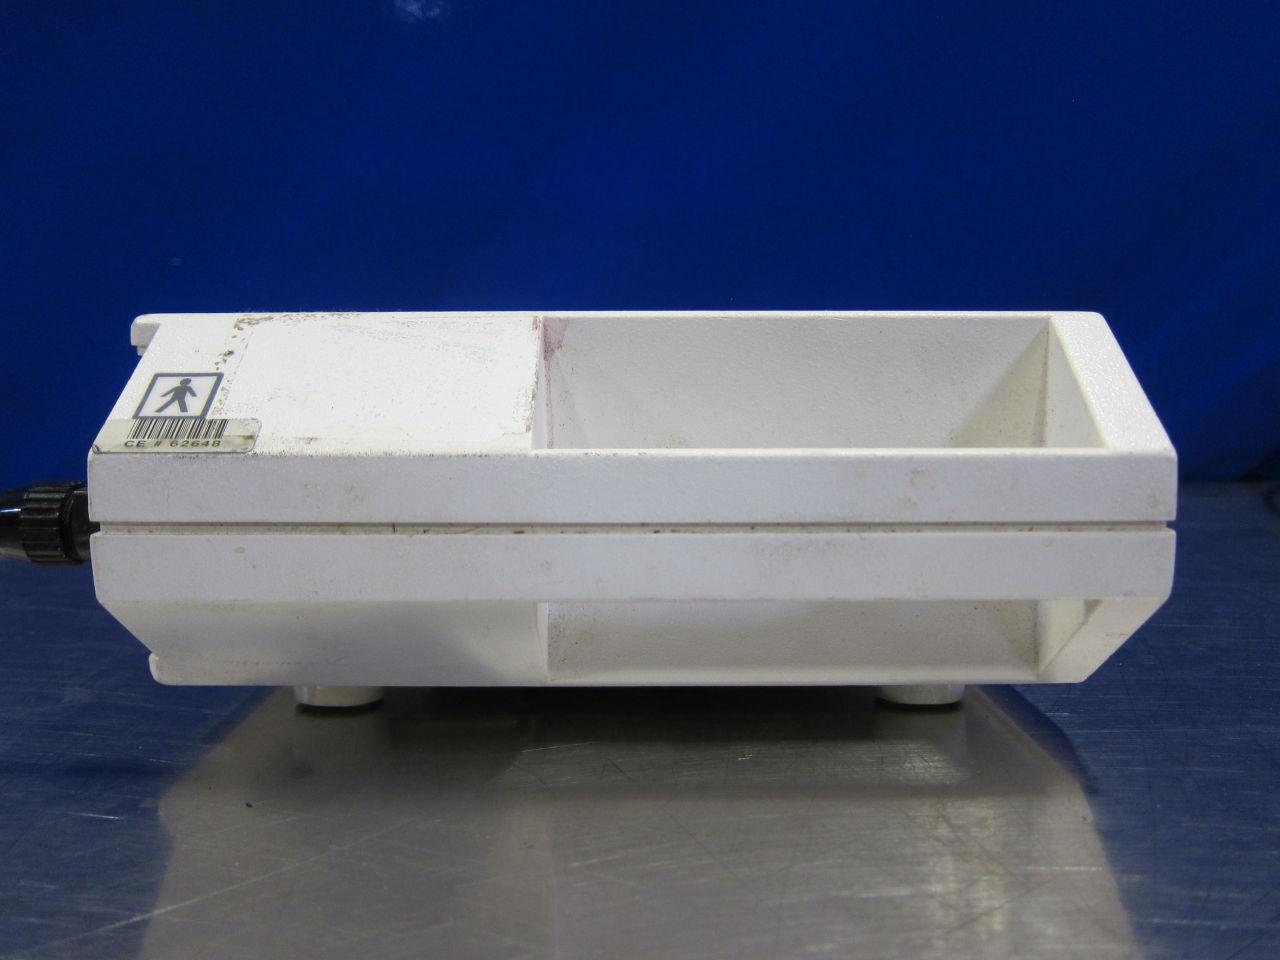 NOVAMETRIX Mars Tech 2001 Oximeter - Pulse